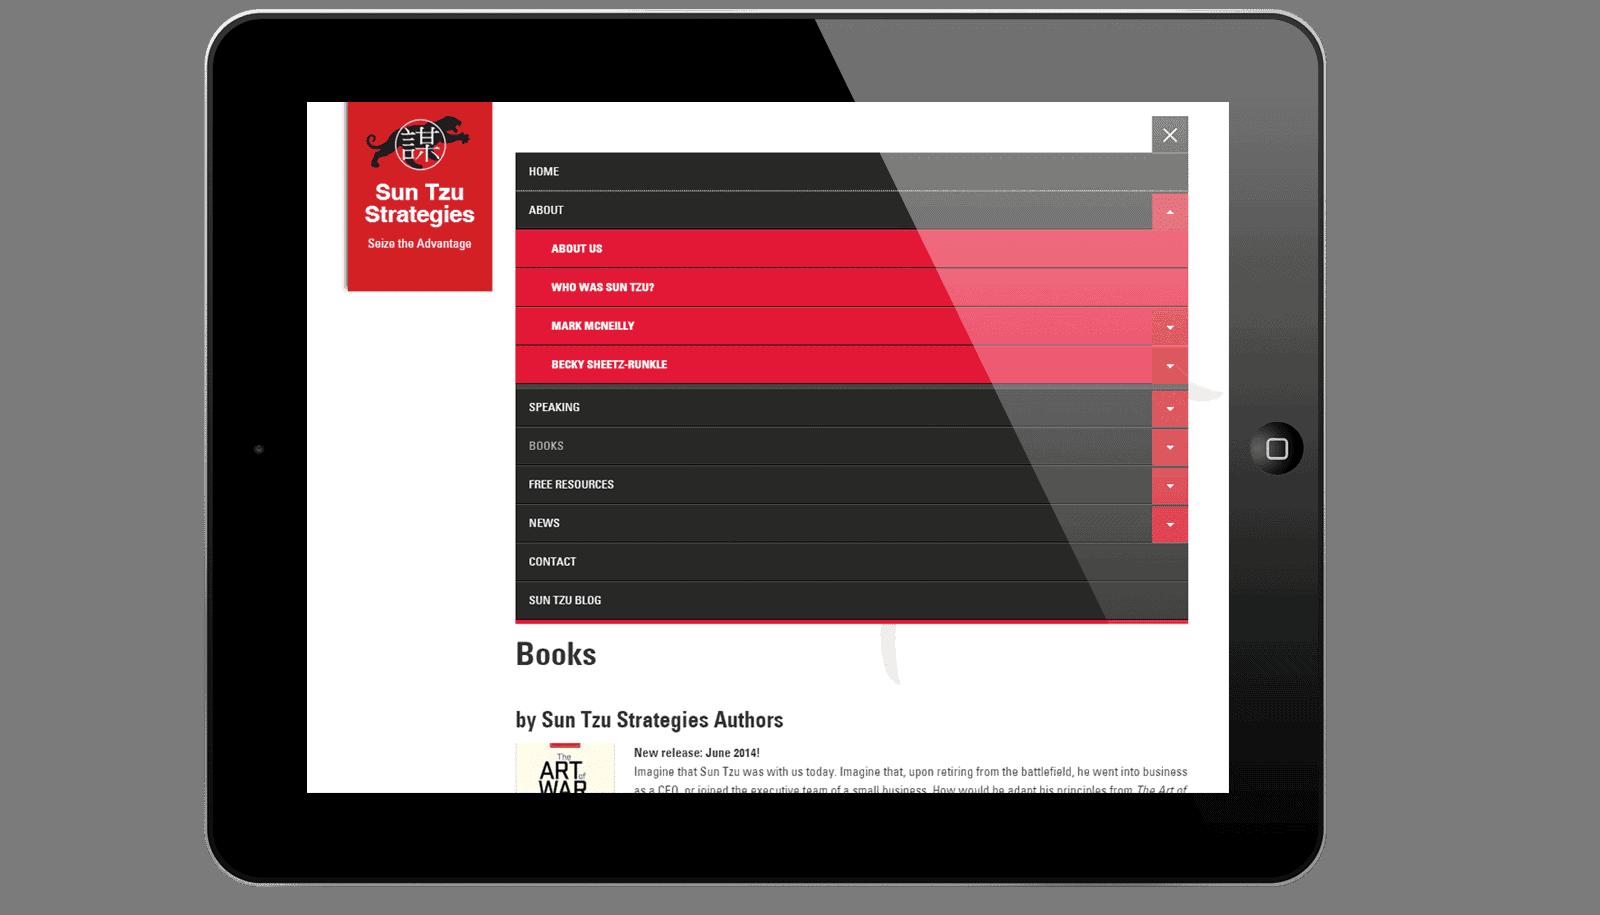 Afbeelding hoe de mobiele navigatie openklapt op een tablet